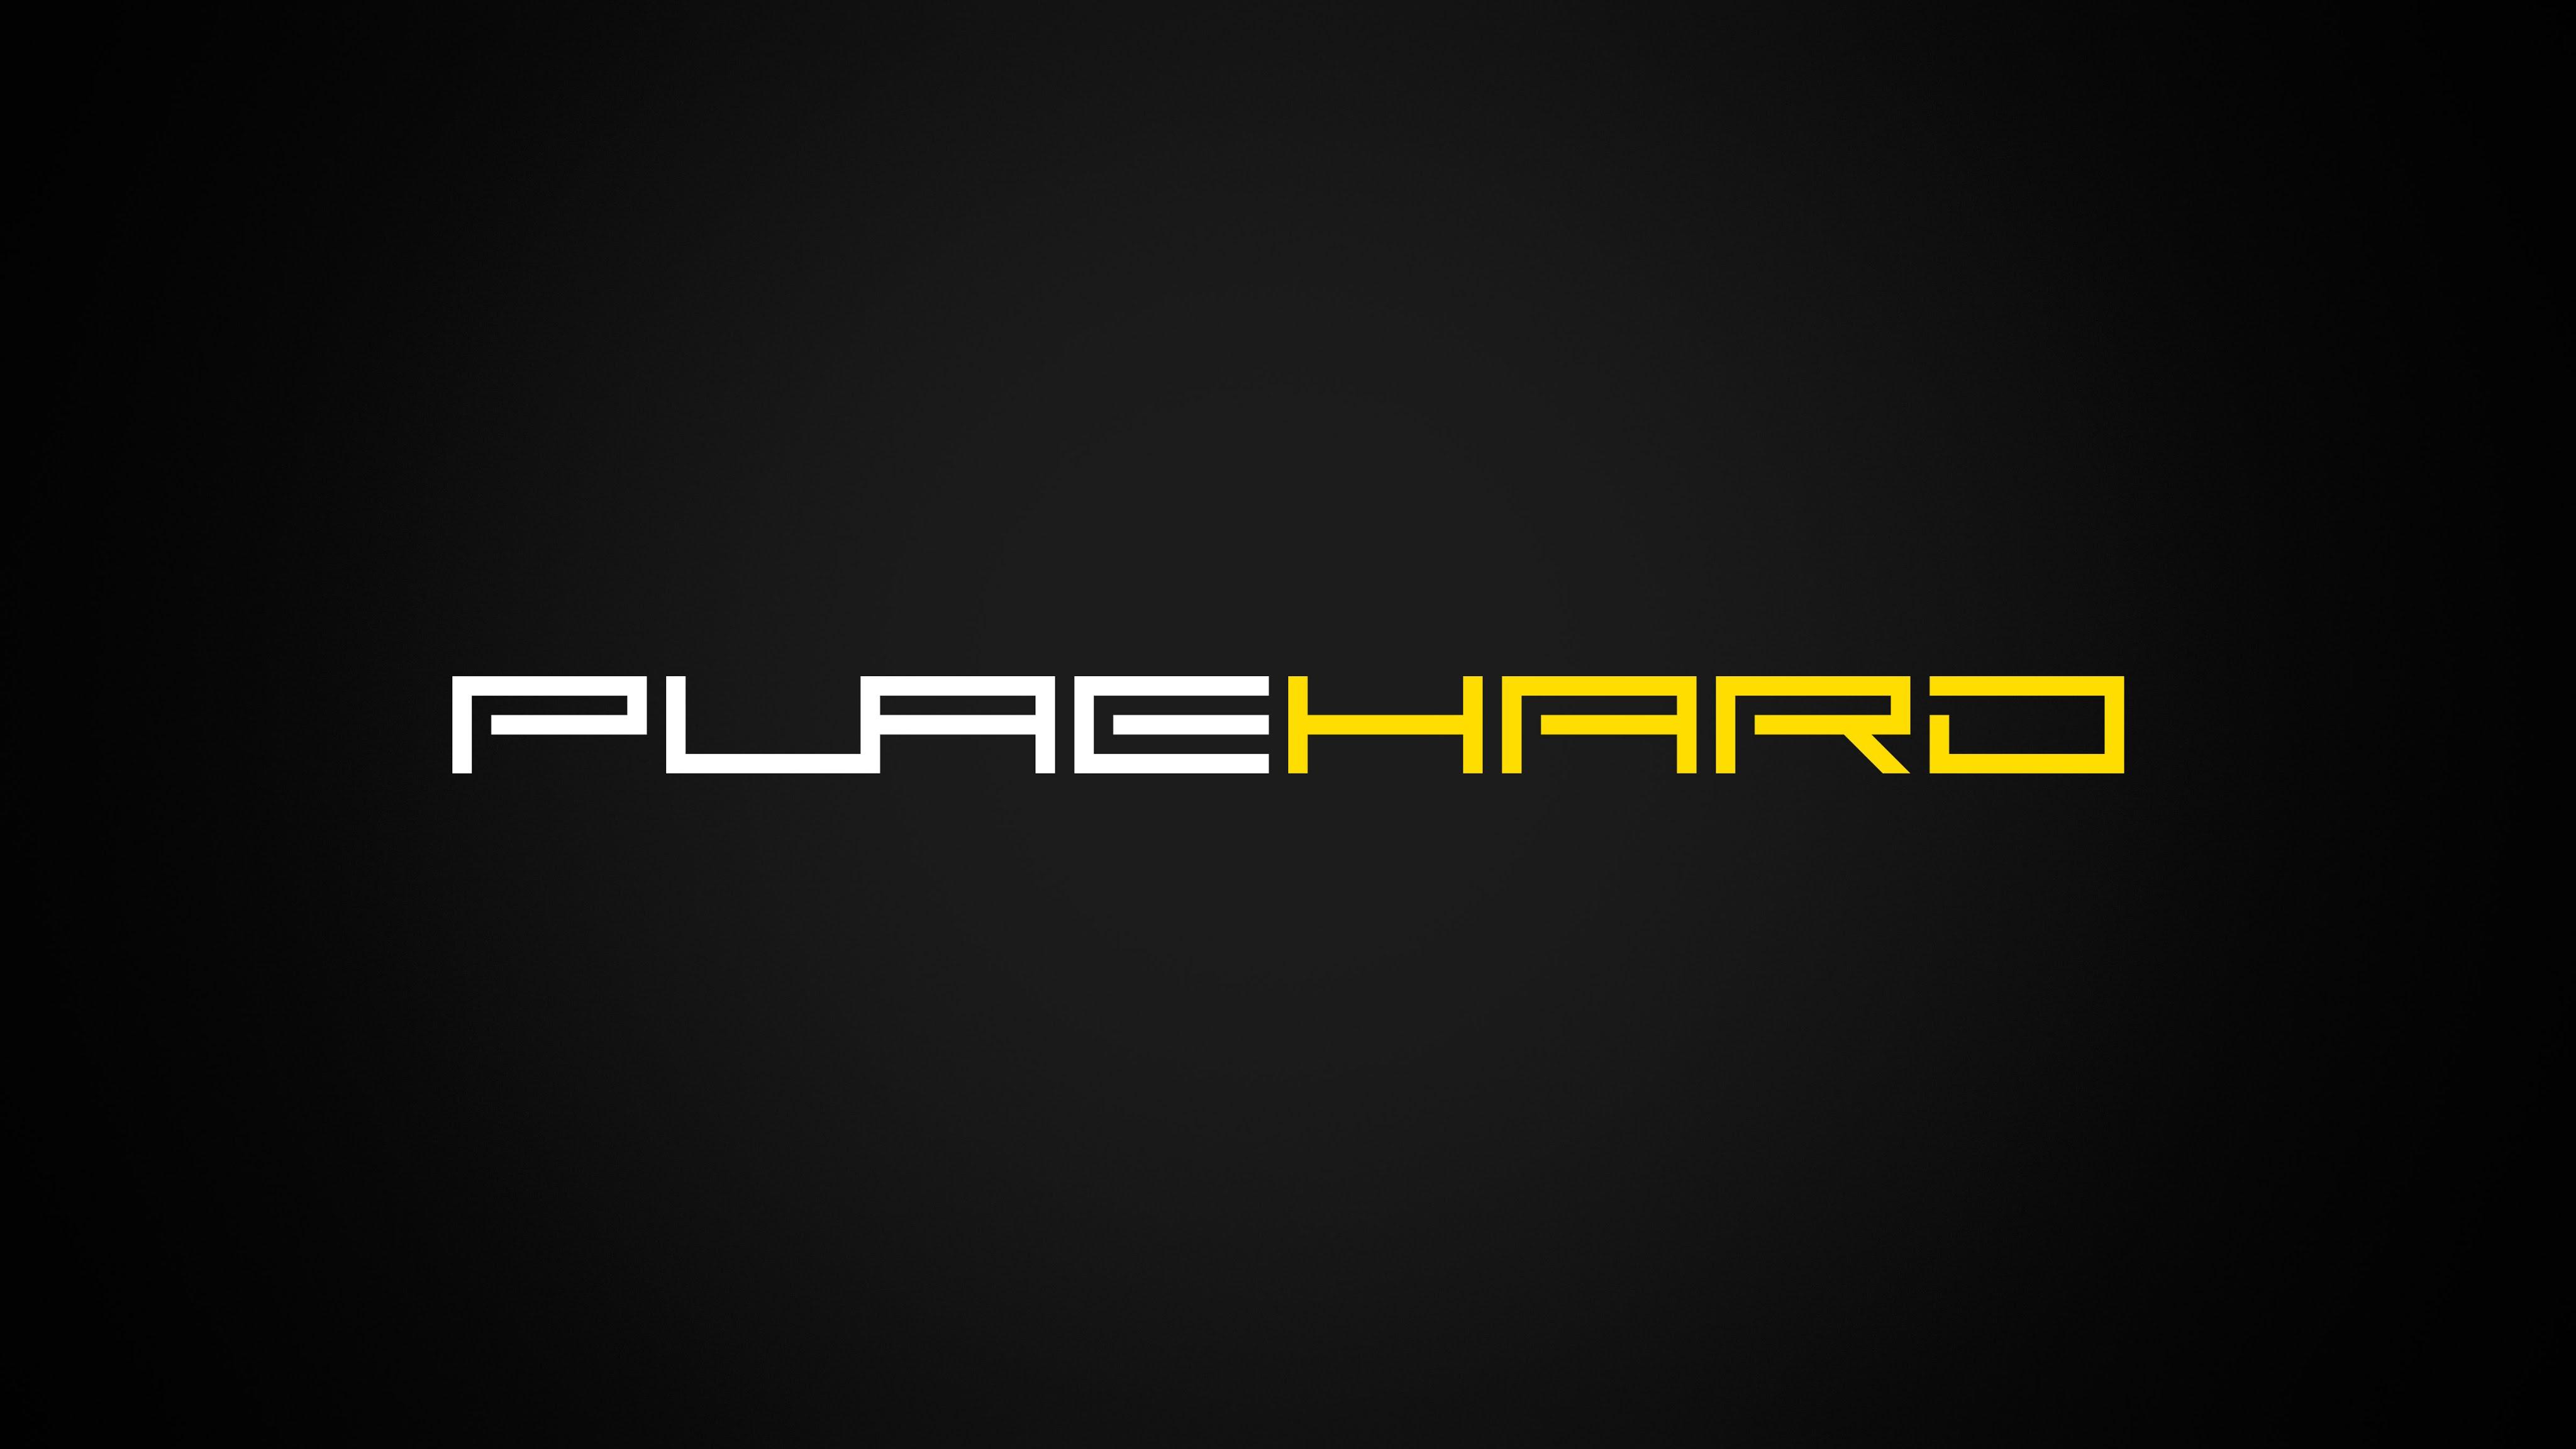 PLAE HARD